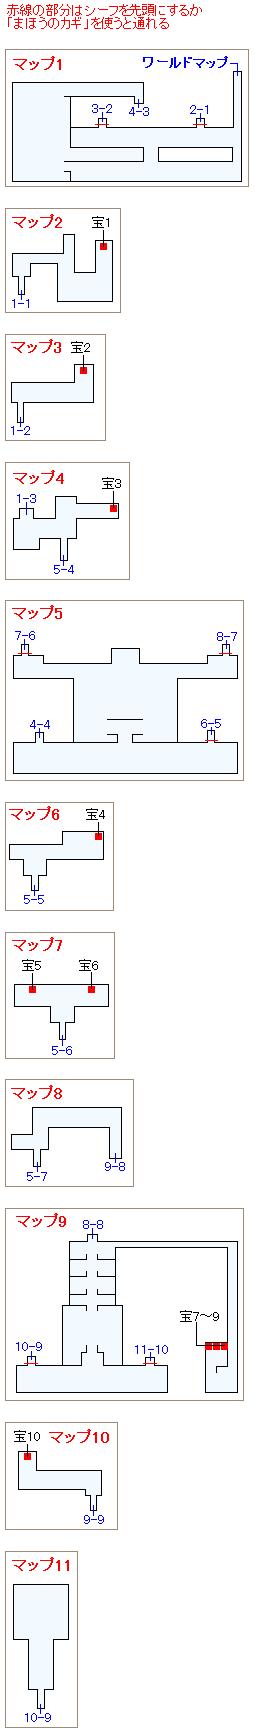 時の神殿のマップ画像